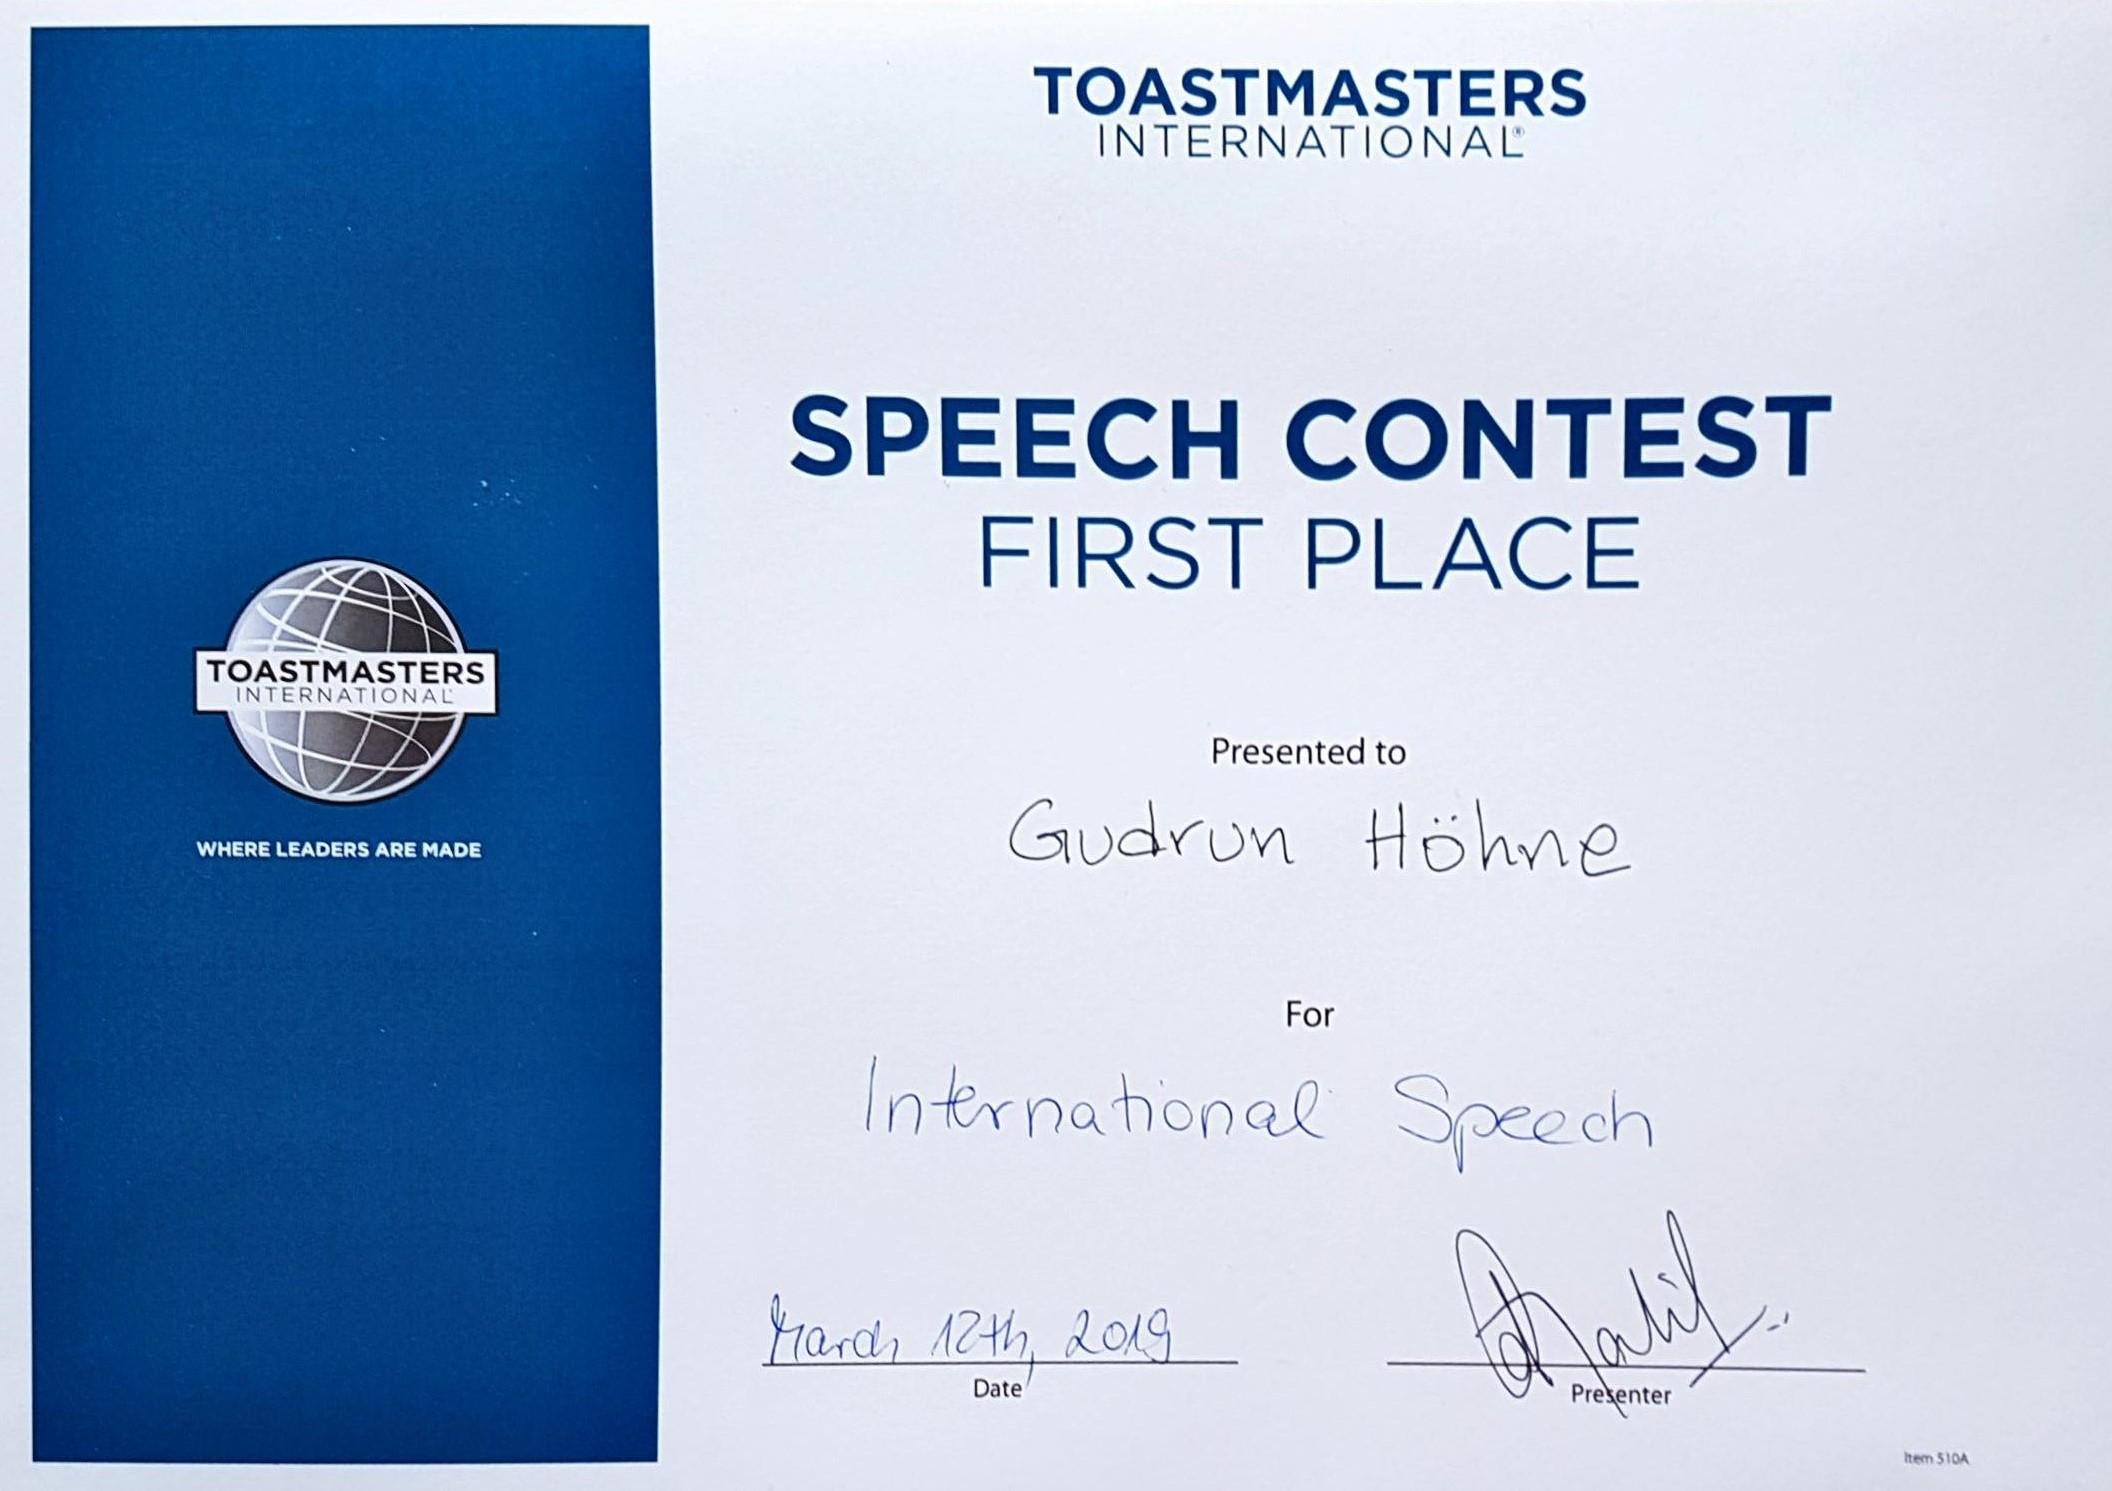 International Speech Contest 1. Platz 2019 Gudrun Hoehne